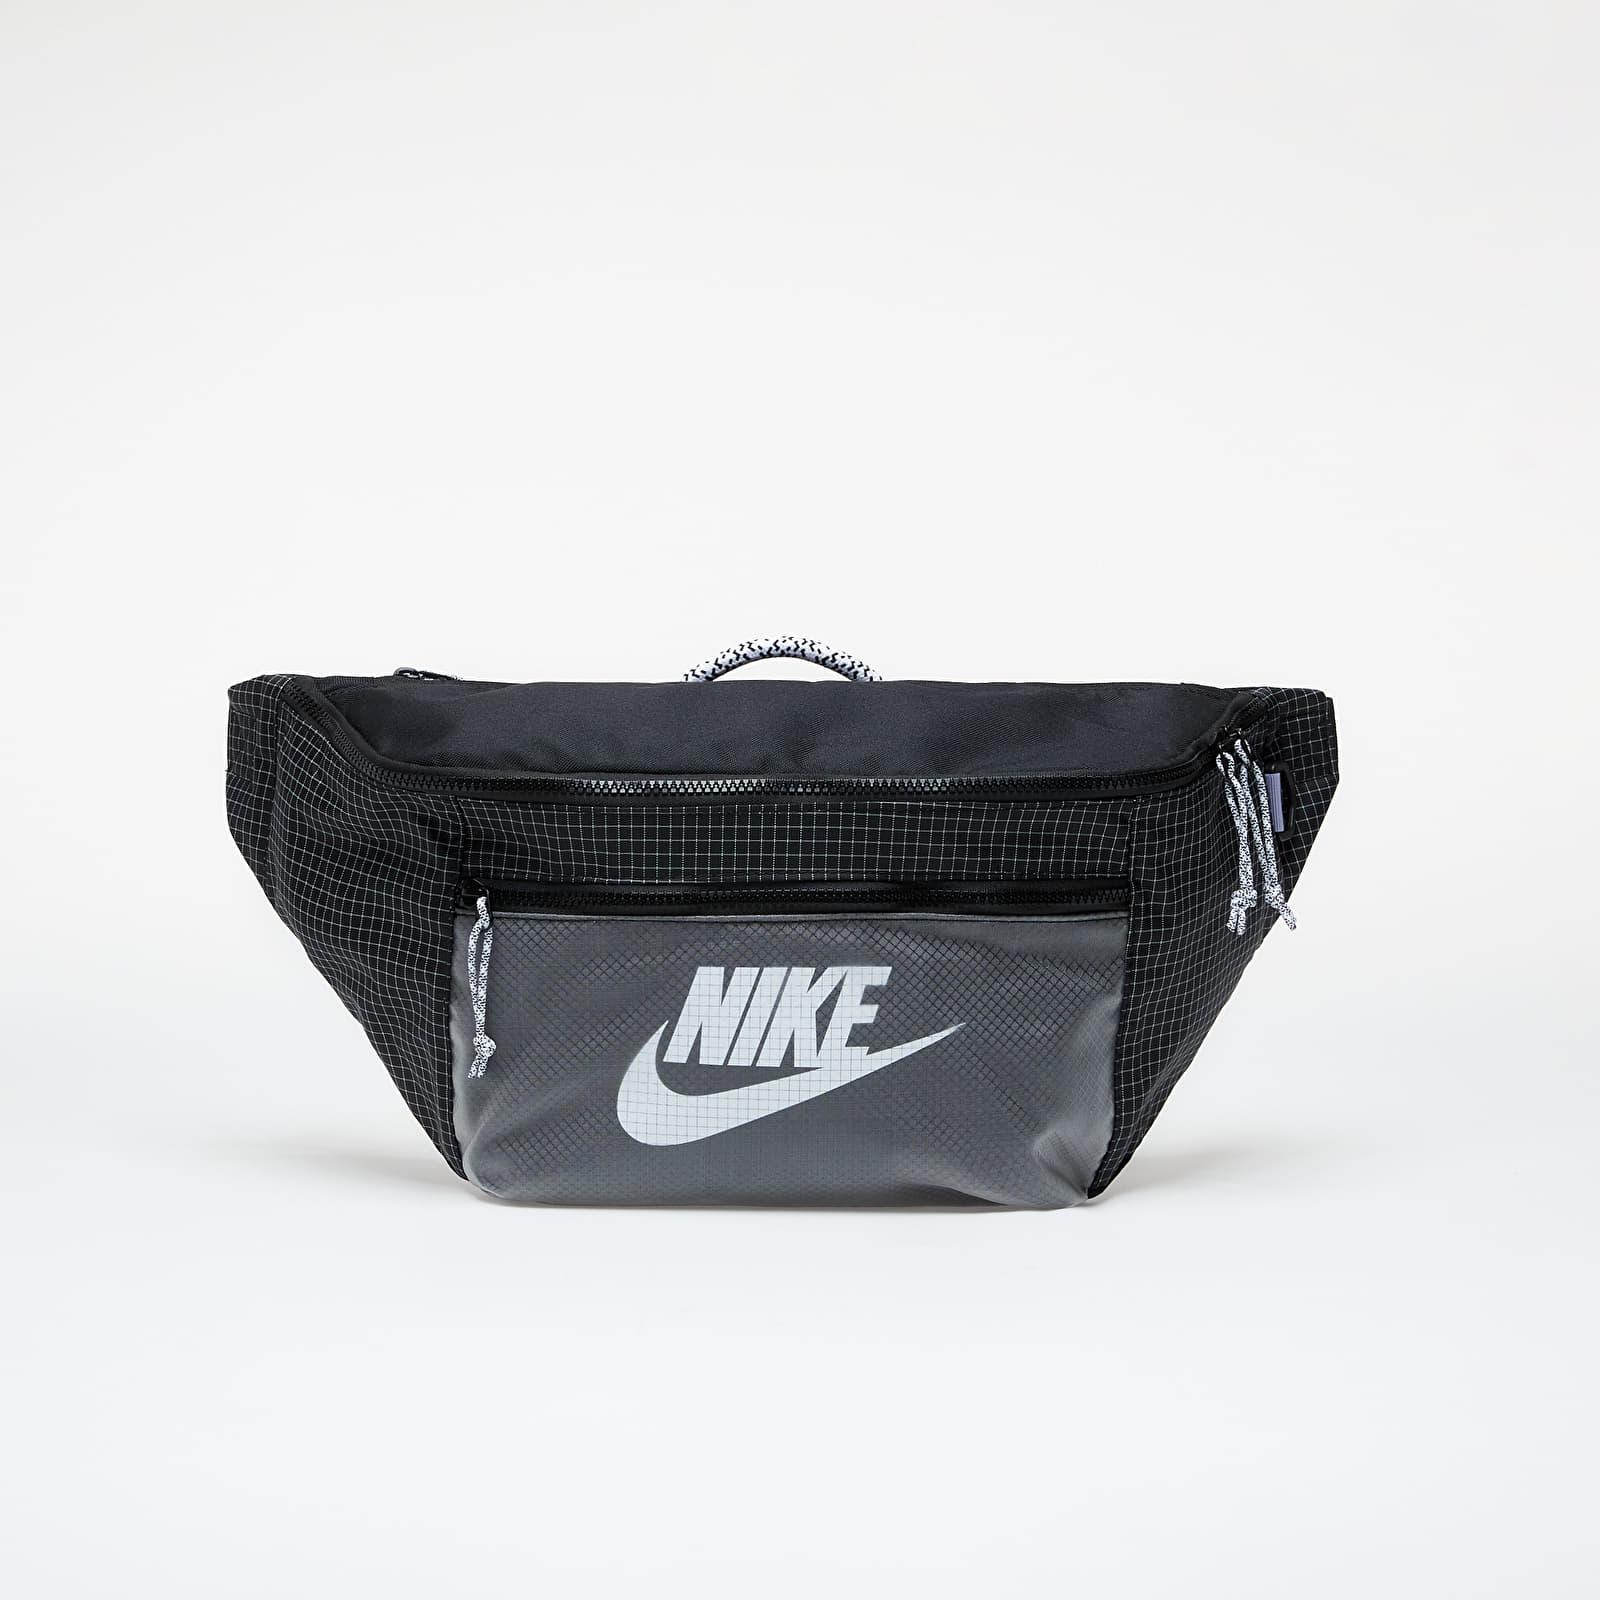 Nike Tech Waistpack - Trl Black/ Black/ White EUR